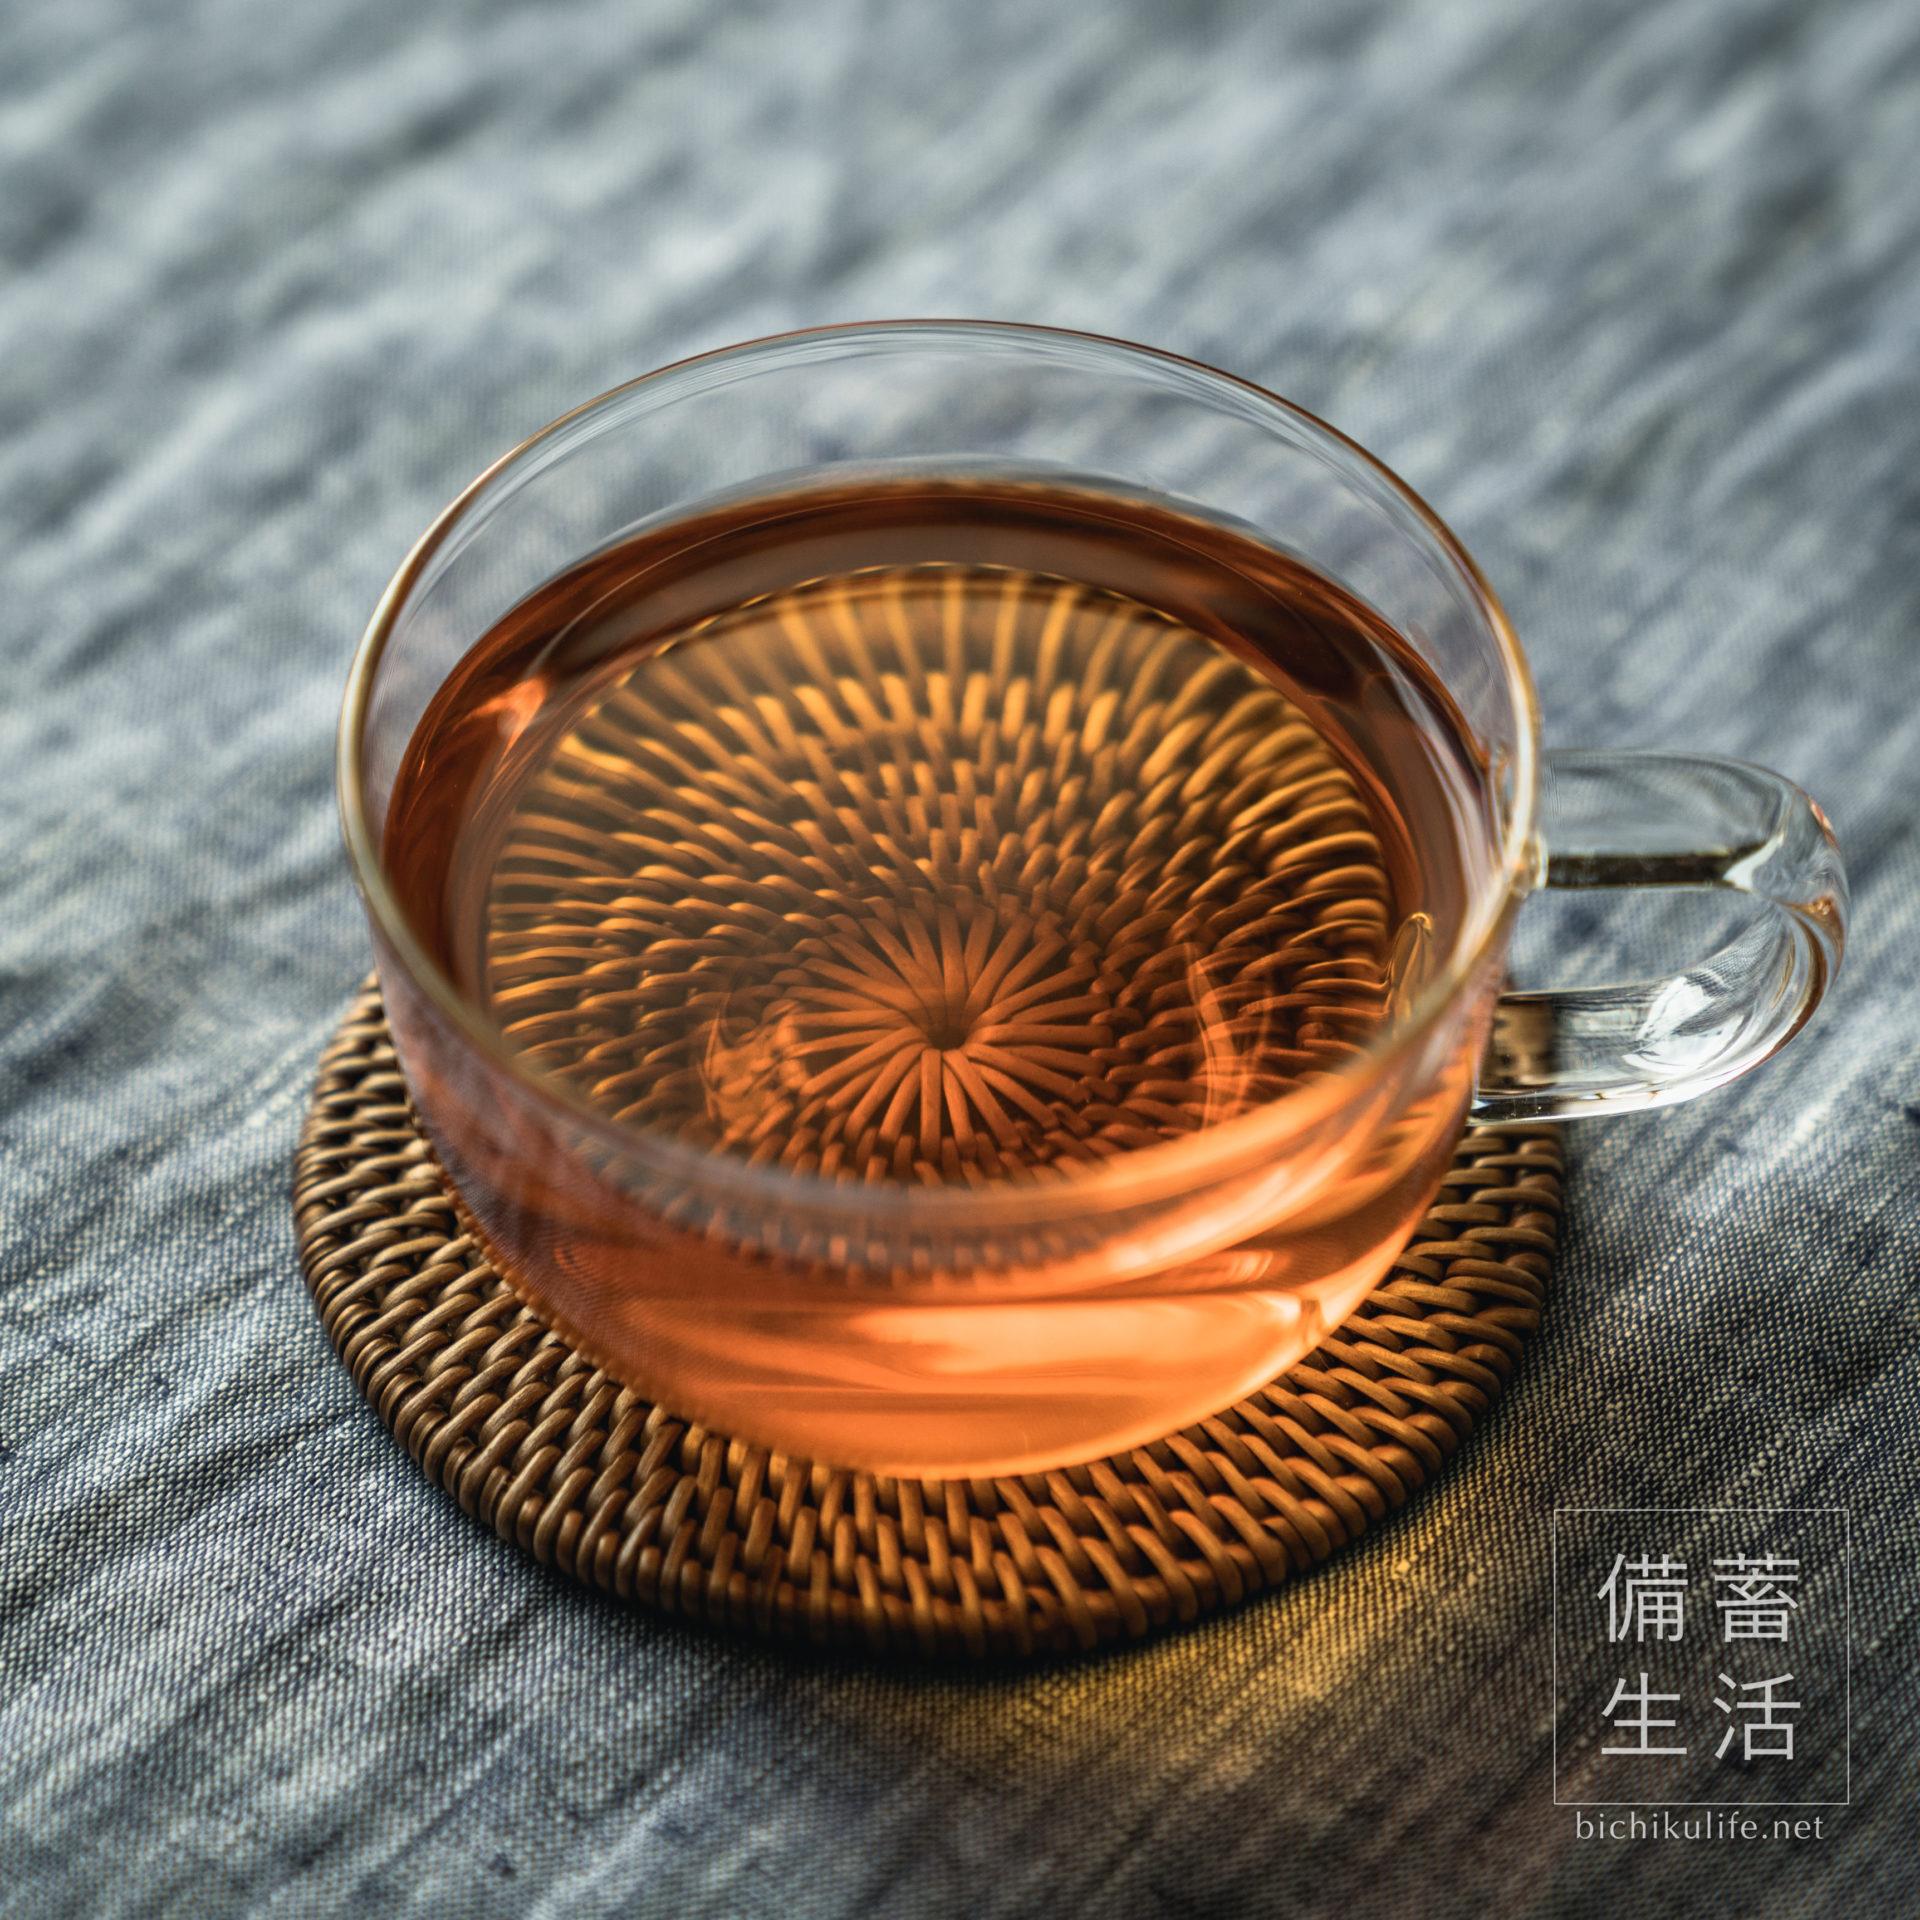 幻のたまねぎ 札幌黄のレシピ、玉ねぎの皮茶の作り方